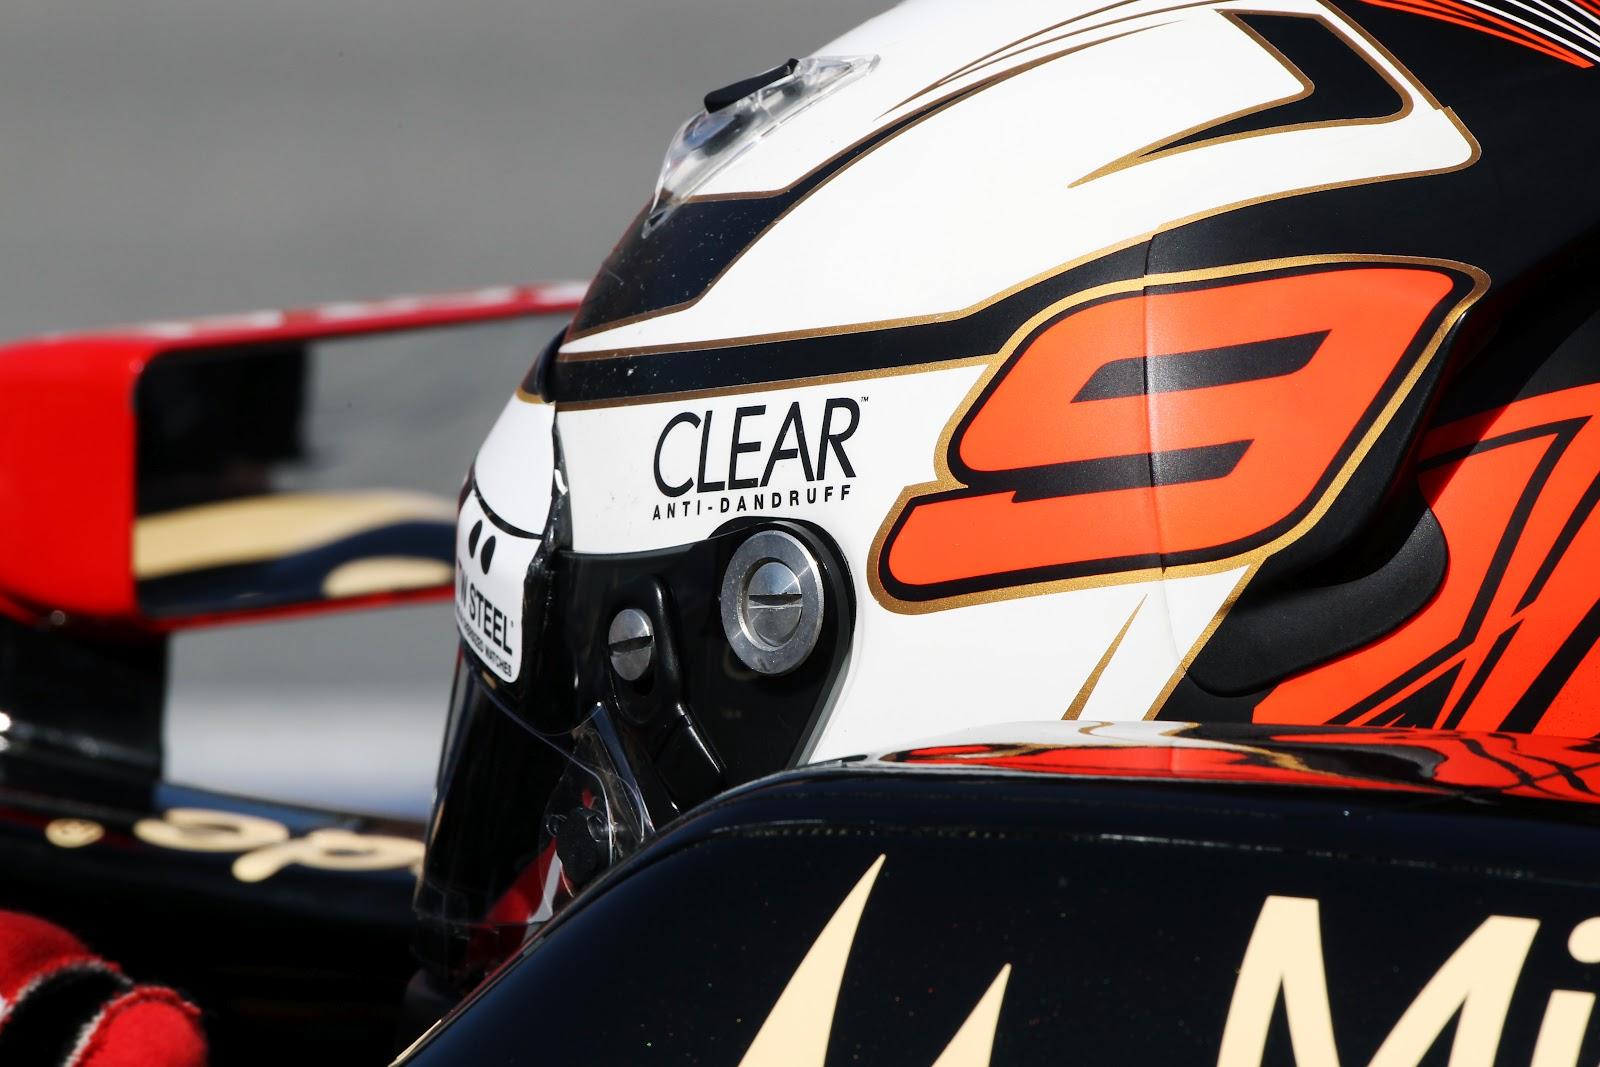 Canadian+Grand+Prix,+Montreal,+Canada,+Saturday+9+June+2012+-+Kimi+Raikkonen+(FIN)+Lotus+F1+E20..jpg